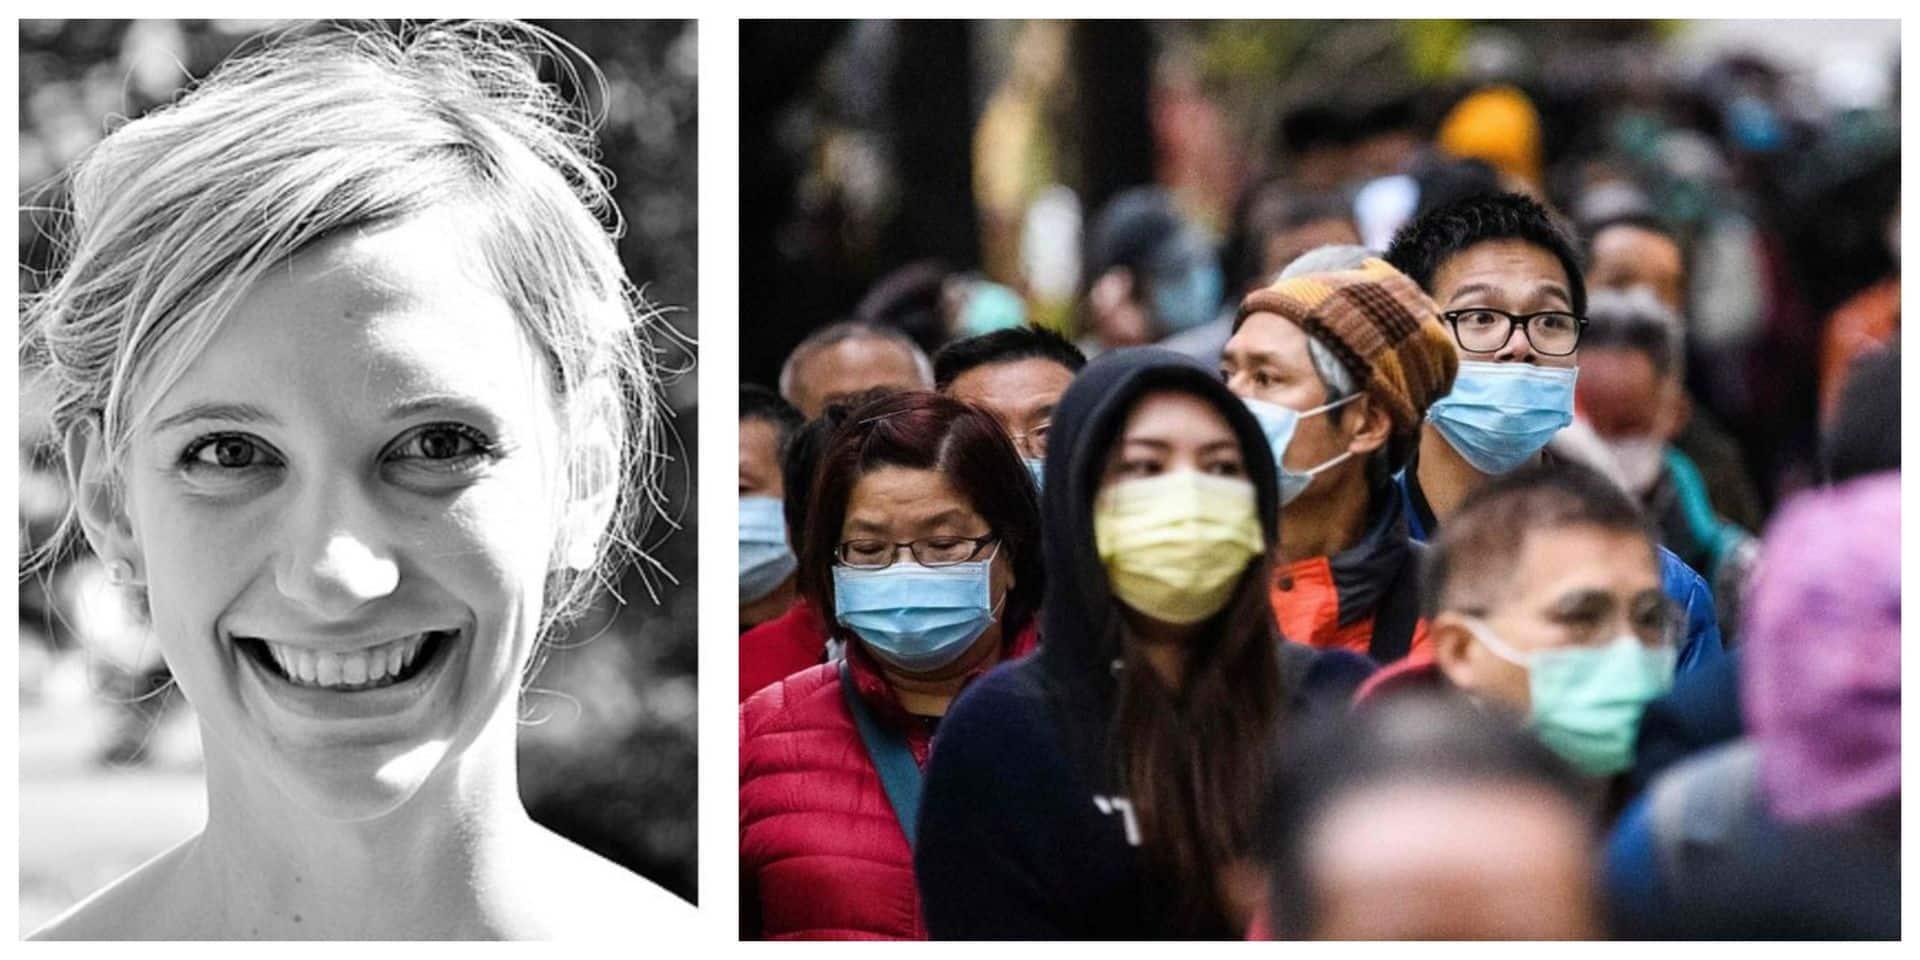 Crises politiques, sanitaires, climatiques... Il est certain que nos enfants nous jugeront